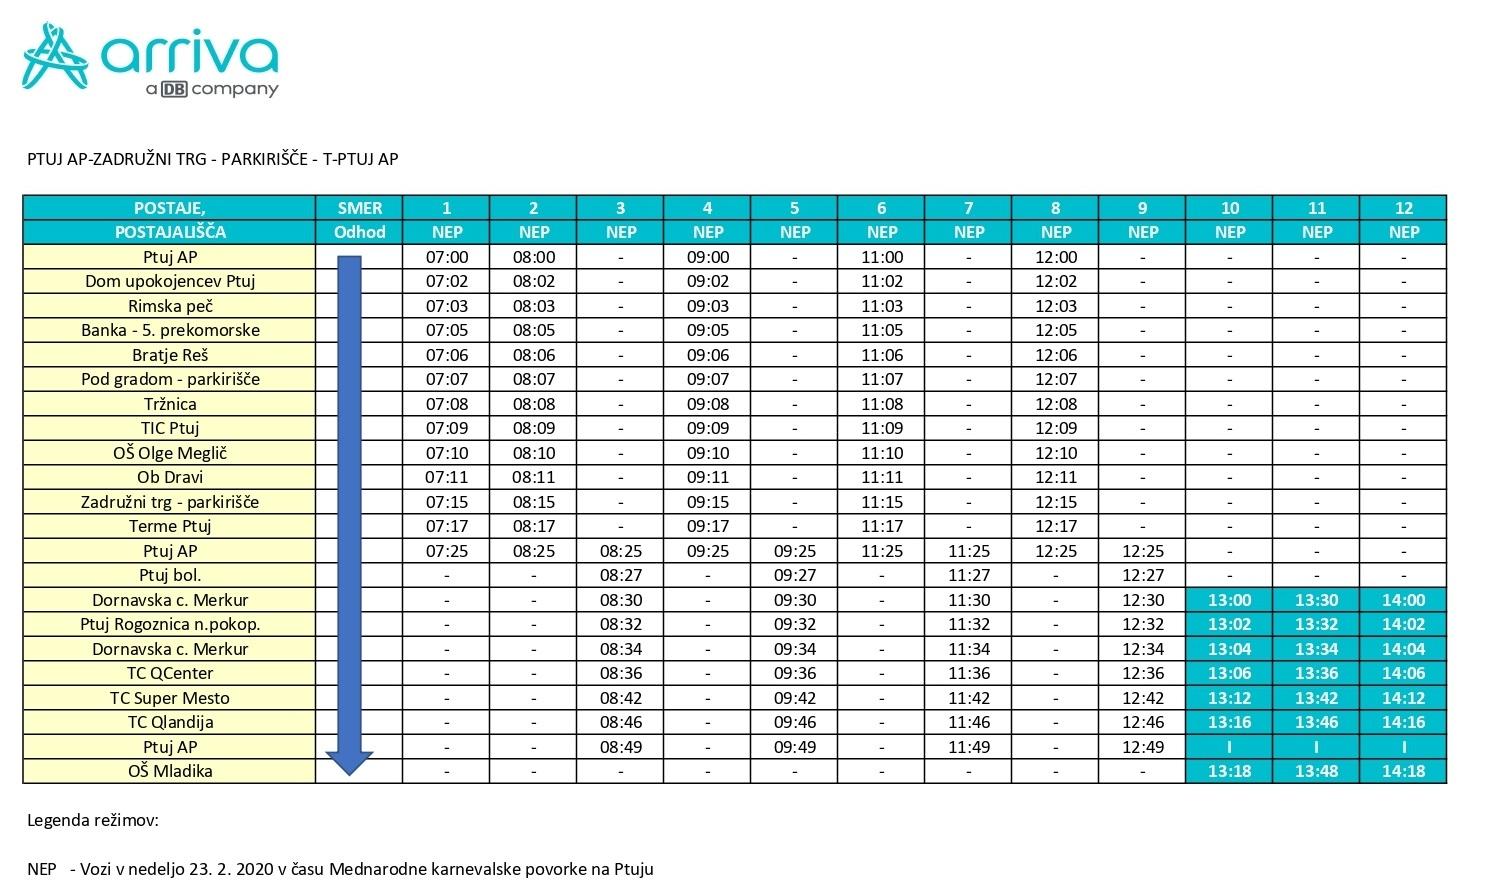 V času Mednarodne karnevalske povorke na Ptuju, ki se bo odvijala v nedeljo, 23. 2. 2020, s pričetkom ob 13:00 uri, bomo izvajali spremenjene vožnje mestnega avtobusa. Mestni avtobus bo do 13:00 ure vozil v skladu z veljavnim voznim redom, po 13.00 uri ( ob 13:00 h, 13:30 h in 14:00 h) pa bo zapeljal po trasi Dornavska cesta Merkur – QCenter – Super Mesto – Qlandija – OŠ Mladika.